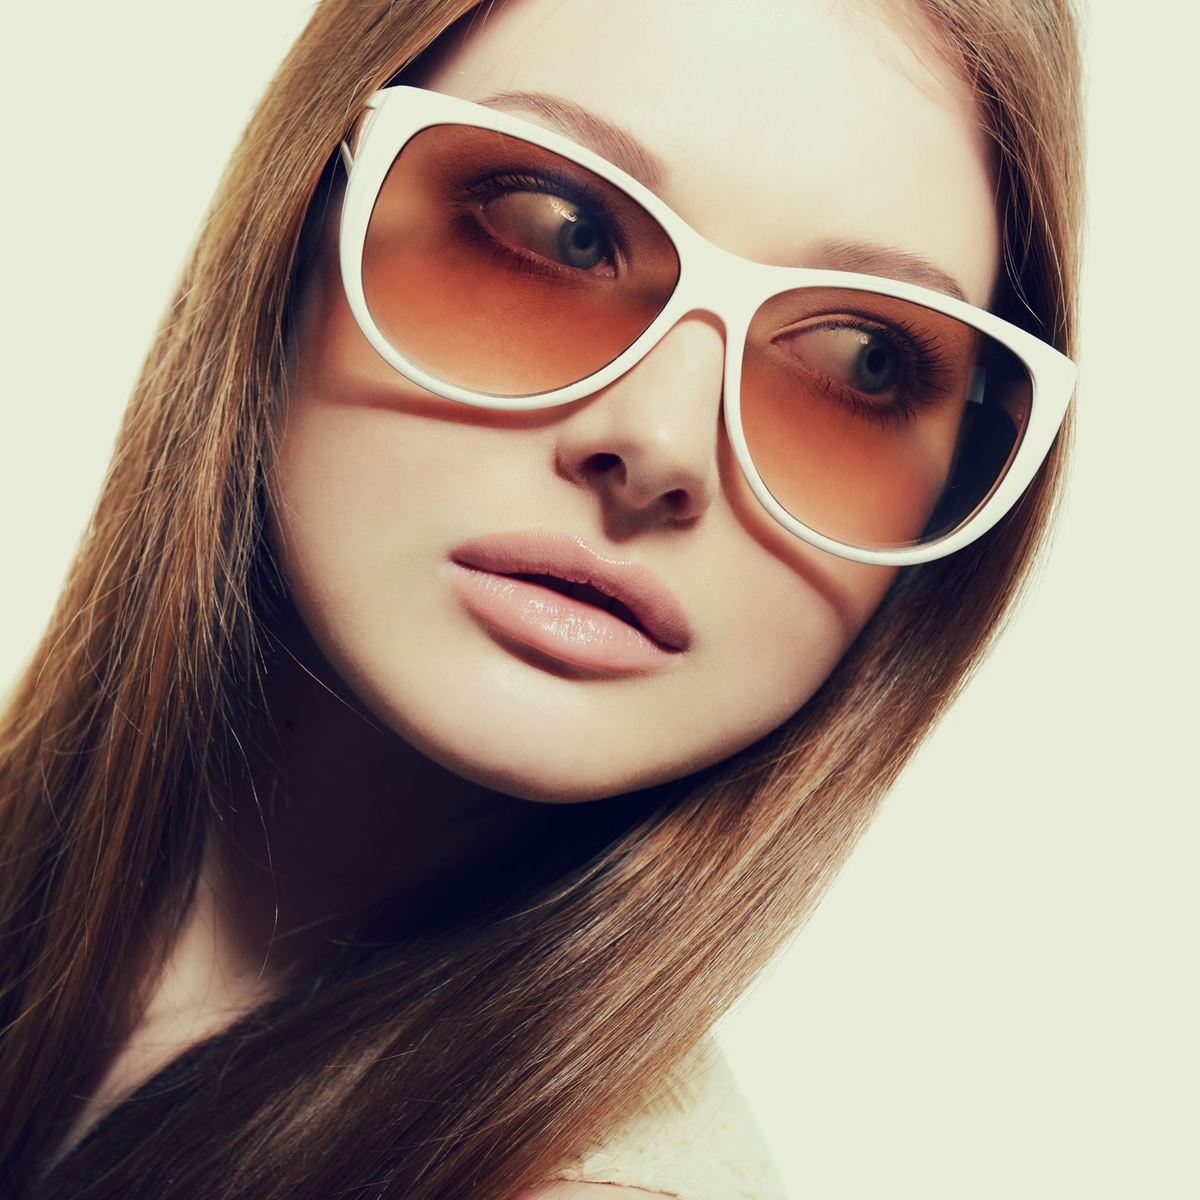 szemüveg modellek